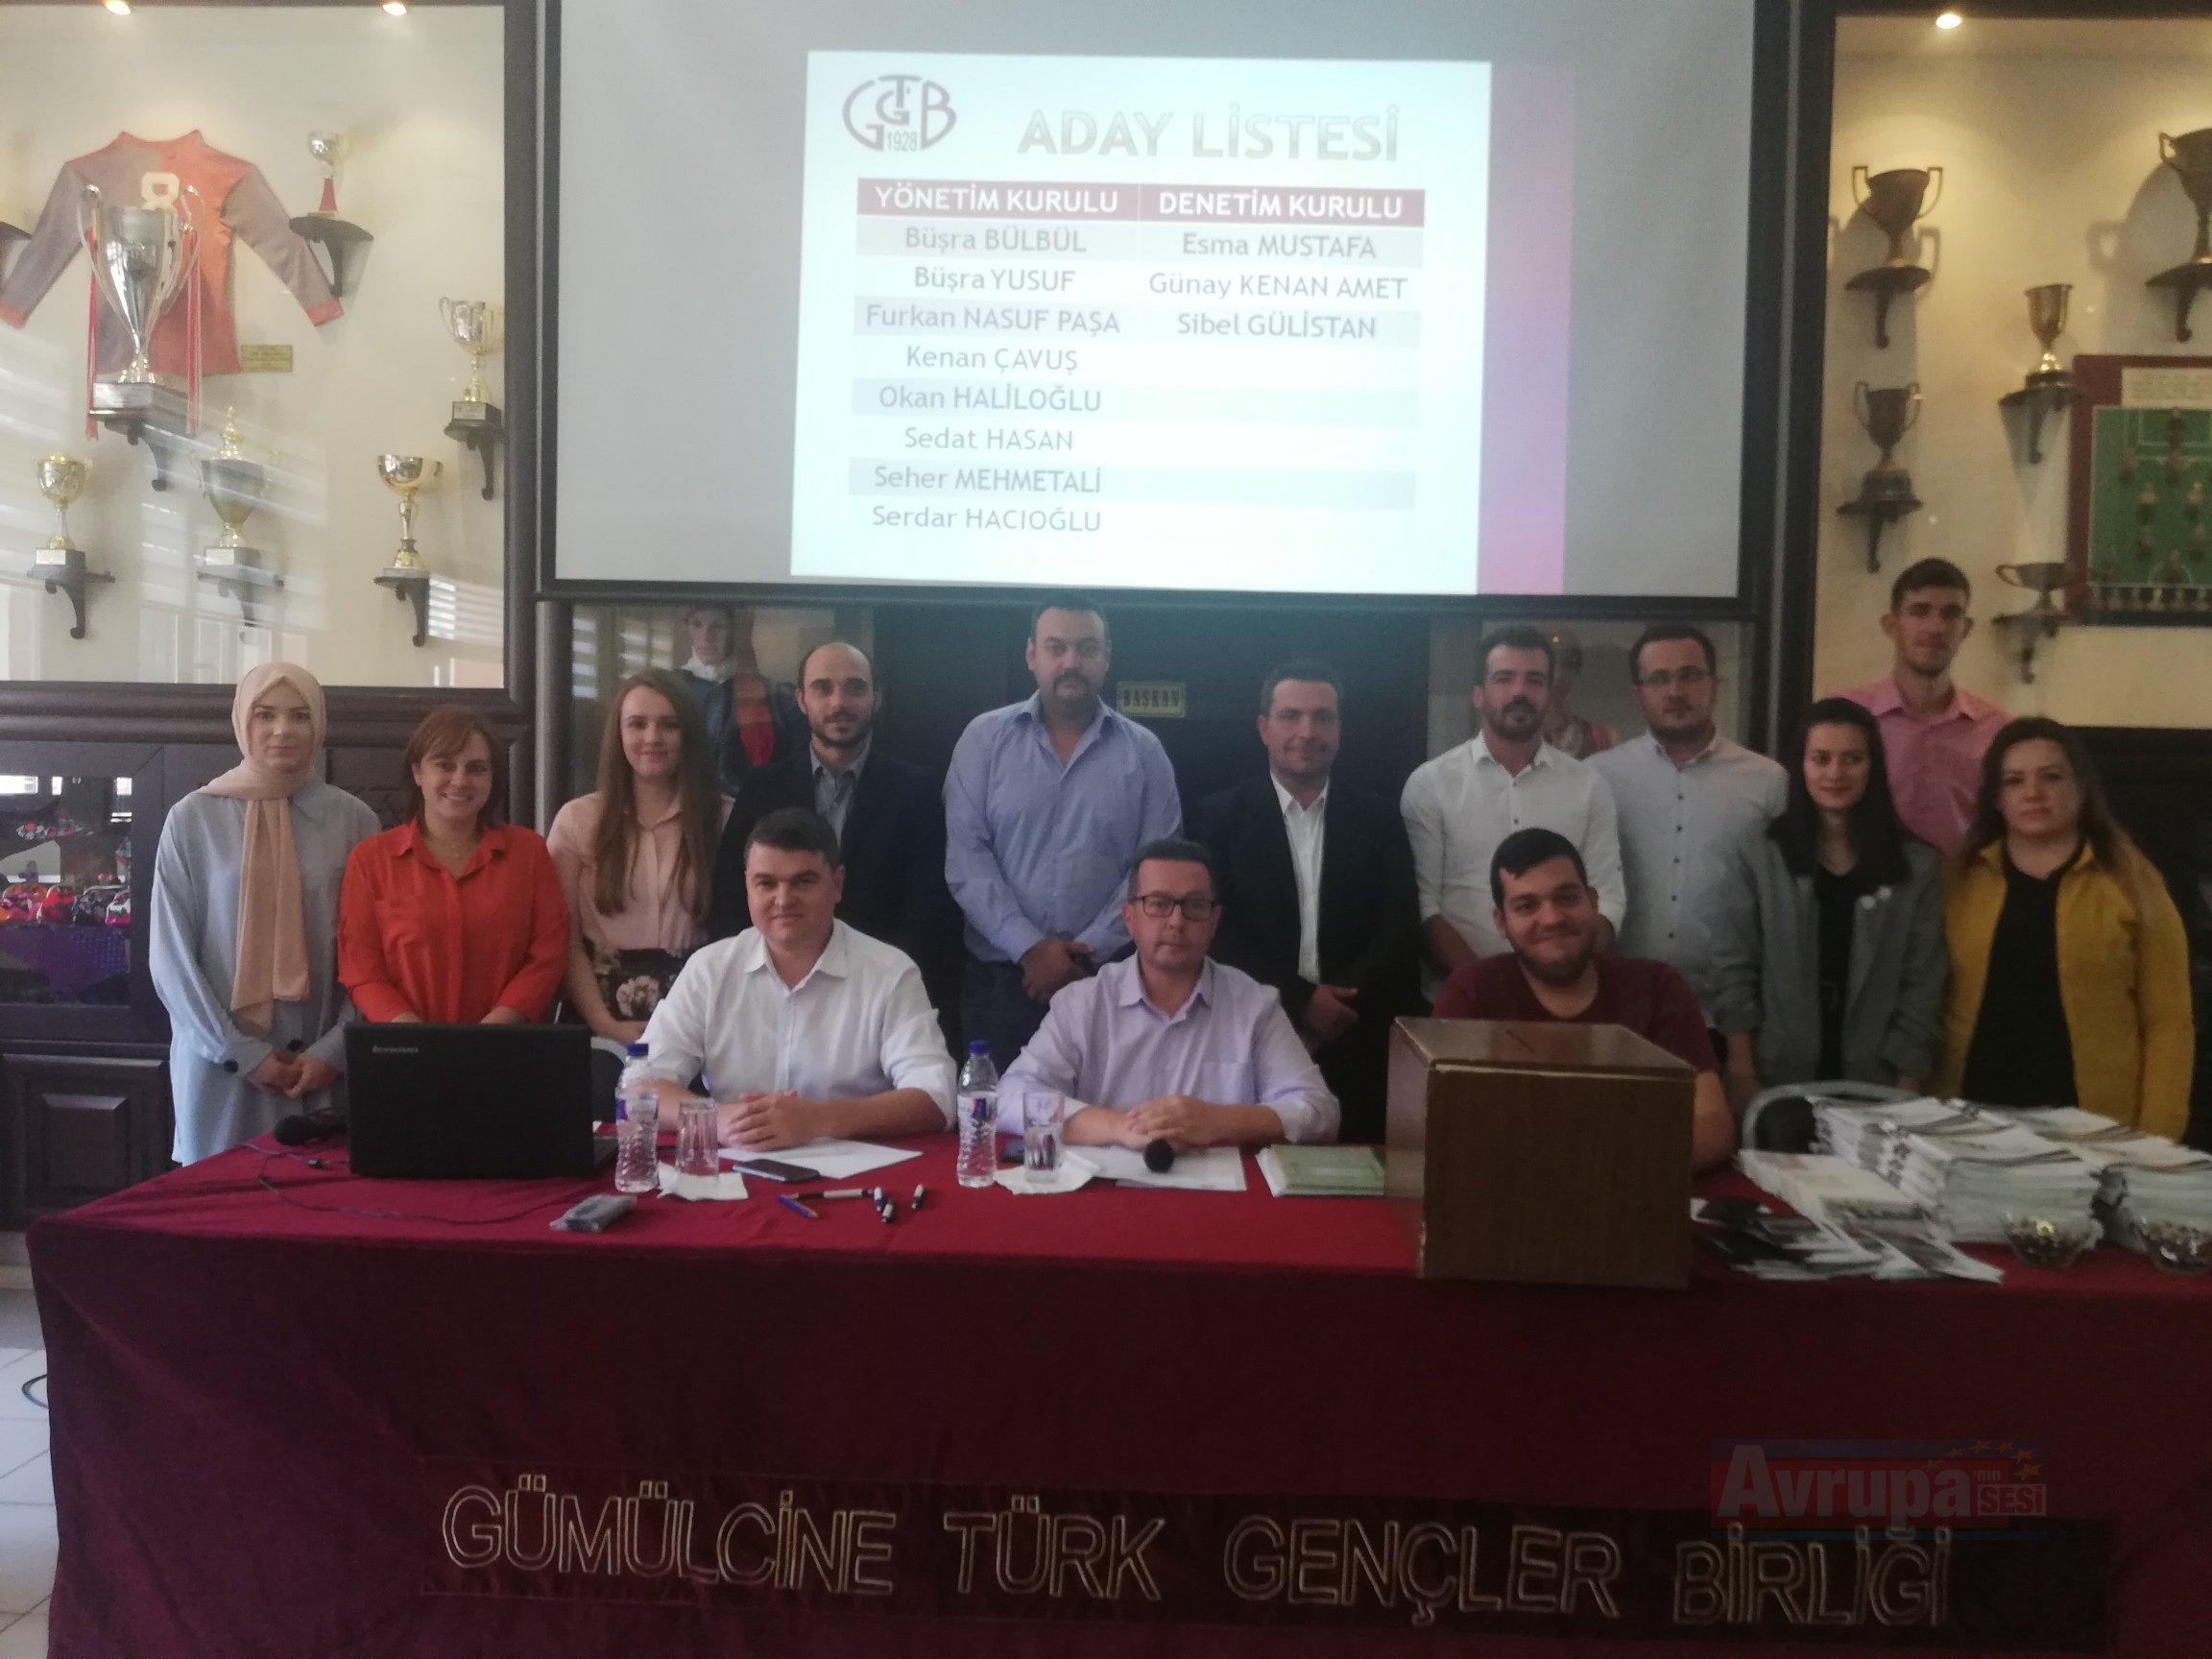 Gümülcine Türk Gençler Birliği'nin olağan kongresi gerçekleşti